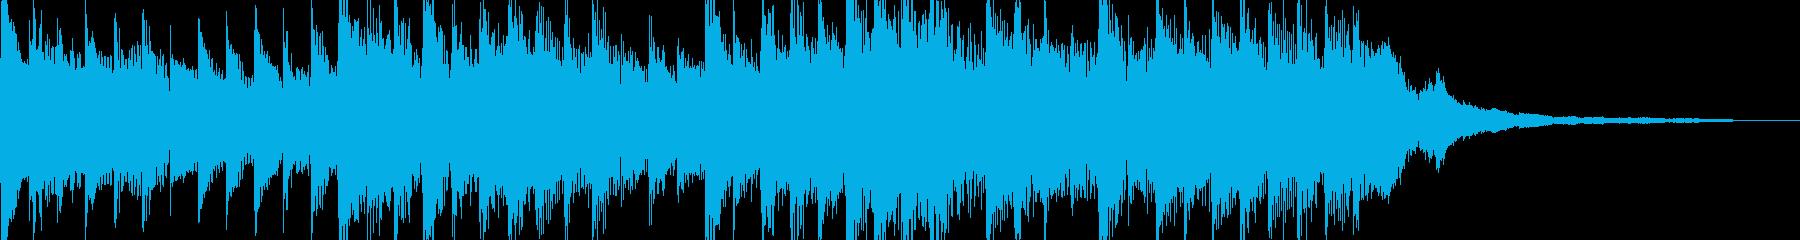 短めのキレイ目でしずかなインストの再生済みの波形